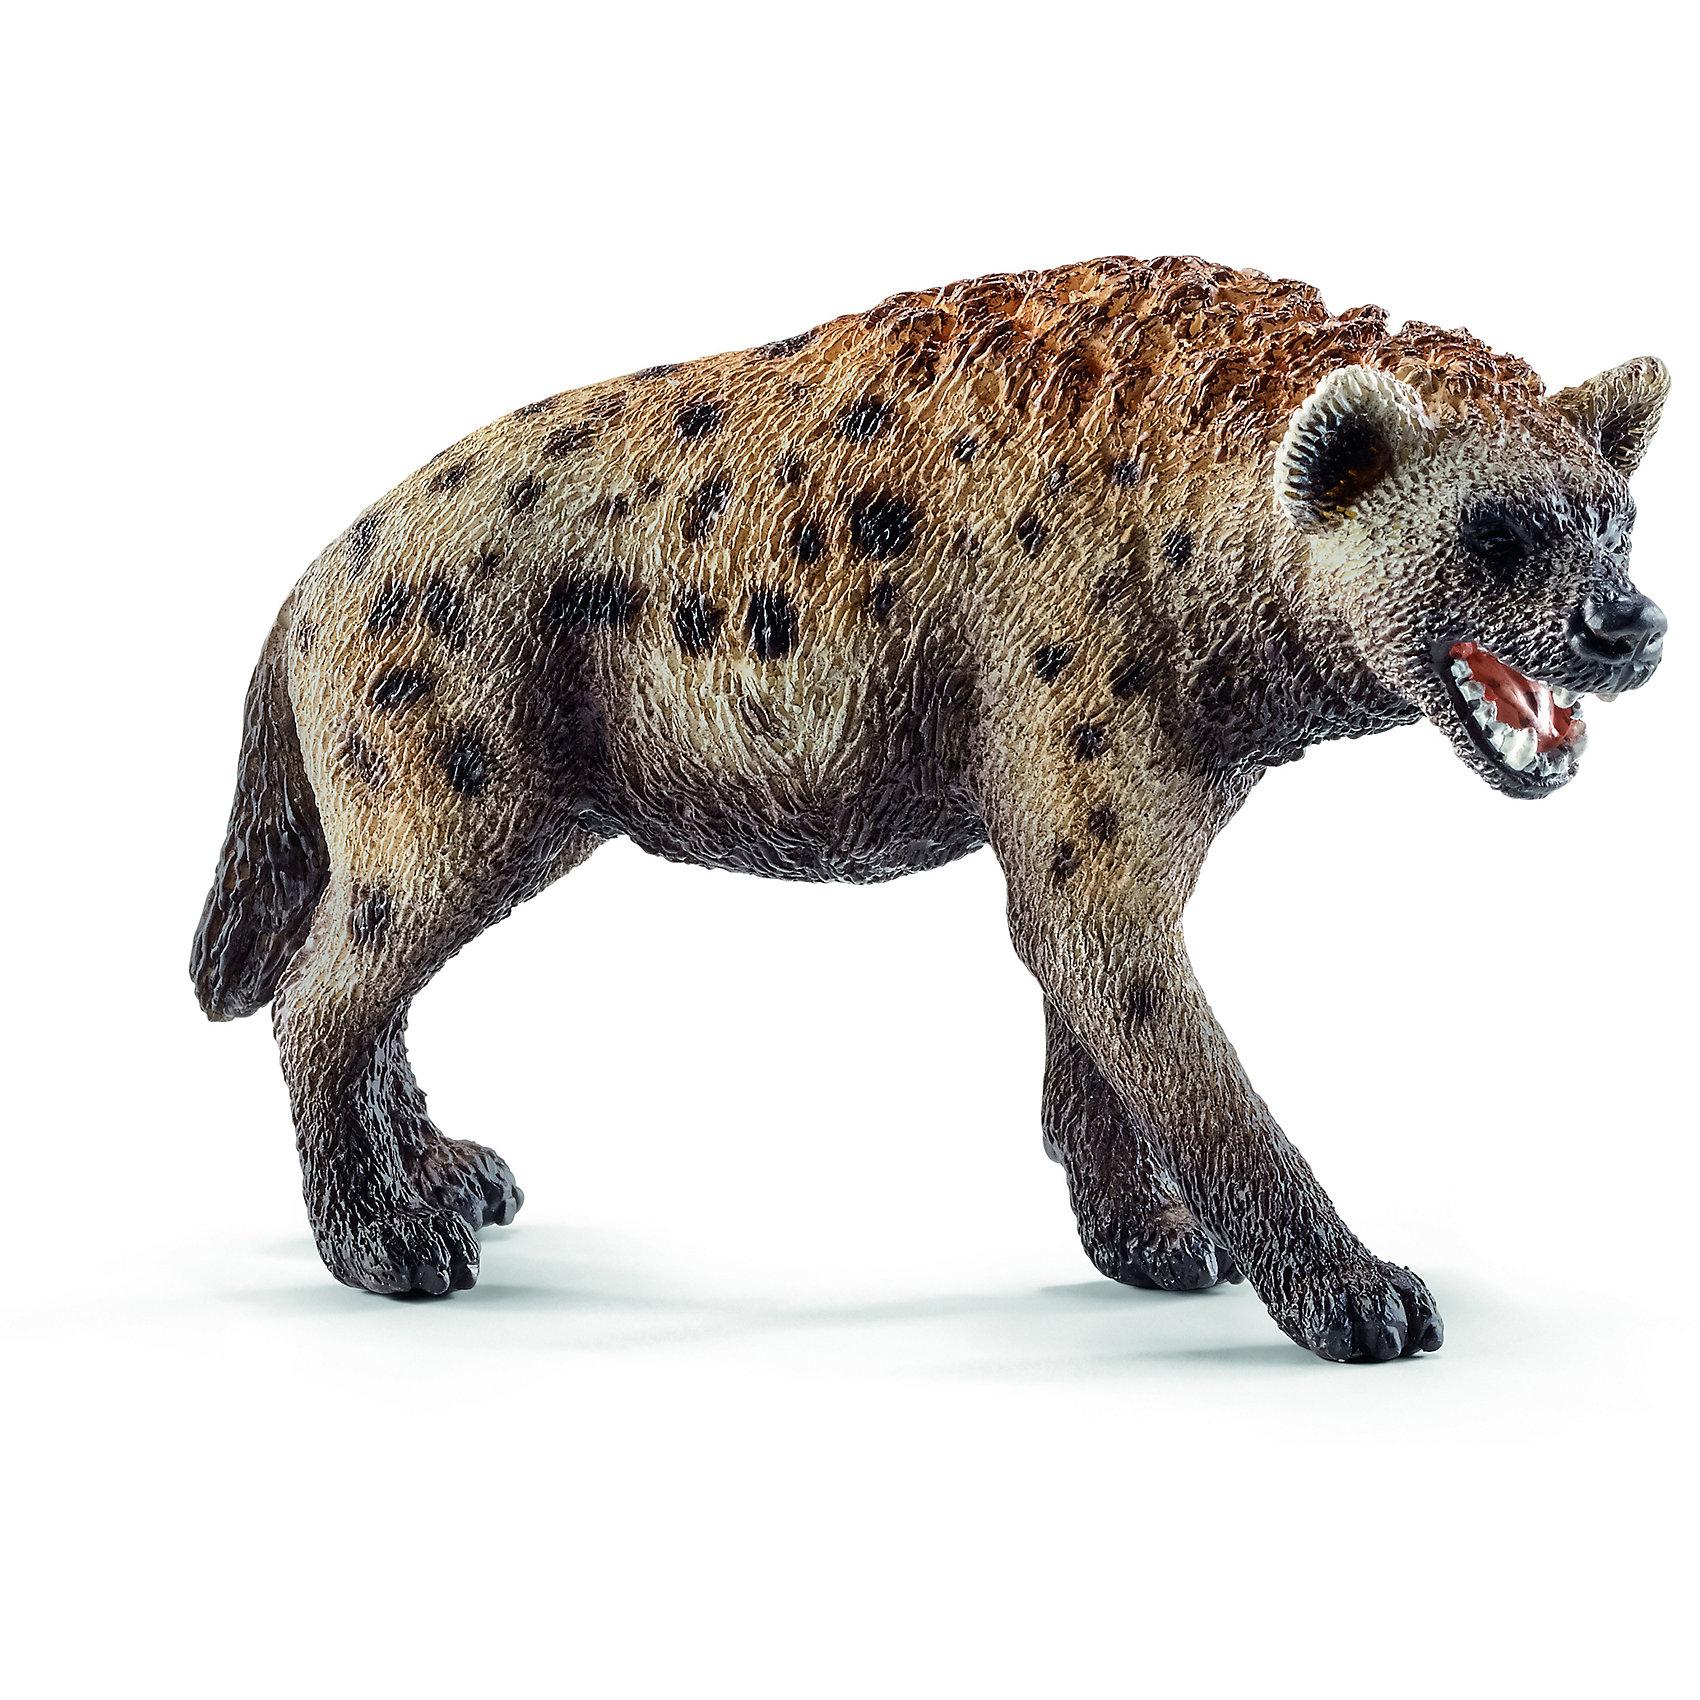 Гиена, SchleichГиена, Schleich (Шляйх) – это высококачественная коллекционная и игровая фигурка.<br>Фигурка Гиены прекрасно разнообразит игру вашего ребенка и станет отличным пополнением коллекции его фигурок животных. Пятнистая гиена встречается на большей части Африканского континента. У пятнистой гиены голова напоминает собачью. Морда у нее мощная и широкая. Уши округленные. Хвост лохматый, а длинная грубая шерсть на шее и вдоль спины образует гриву. Гиены имеют чрезвычайно сильные челюсти относительно их размера тела. Спина покатая, задняя часть заметно ниже передней, из-за чего пятнистая гиена передвигается не слишком изящно, но способна развивать скорость до 65 км/час. Конечности четырехпалые, с не втяжными когтями. <br>Прекрасно выполненные фигурки Schleich (Шляйх) являются максимально точной копией настоящих животных и отличаются высочайшим качеством игрушек ручной работы. Каждая фигурка разработана с учетом исследований в области педагогики и производится как настоящее произведение для маленьких детских ручек. Все фигурки Schleich (Шляйх) сделаны из гипоаллергенных высокотехнологичных материалов, раскрашены вручную и не вызывают аллергии у ребенка.<br><br>Дополнительная информация:<br><br>- Размер фигурки: 5,2 х 3,1 х 8,6 см.<br>- Материал: высококачественный каучуковый пластик<br><br>Фигурку Гиены, Schleich (Шляйх) можно купить в нашем интернет-магазине.<br><br>Ширина мм: 97<br>Глубина мм: 63<br>Высота мм: 20<br>Вес г: 34<br>Возраст от месяцев: 36<br>Возраст до месяцев: 96<br>Пол: Унисекс<br>Возраст: Детский<br>SKU: 3902542